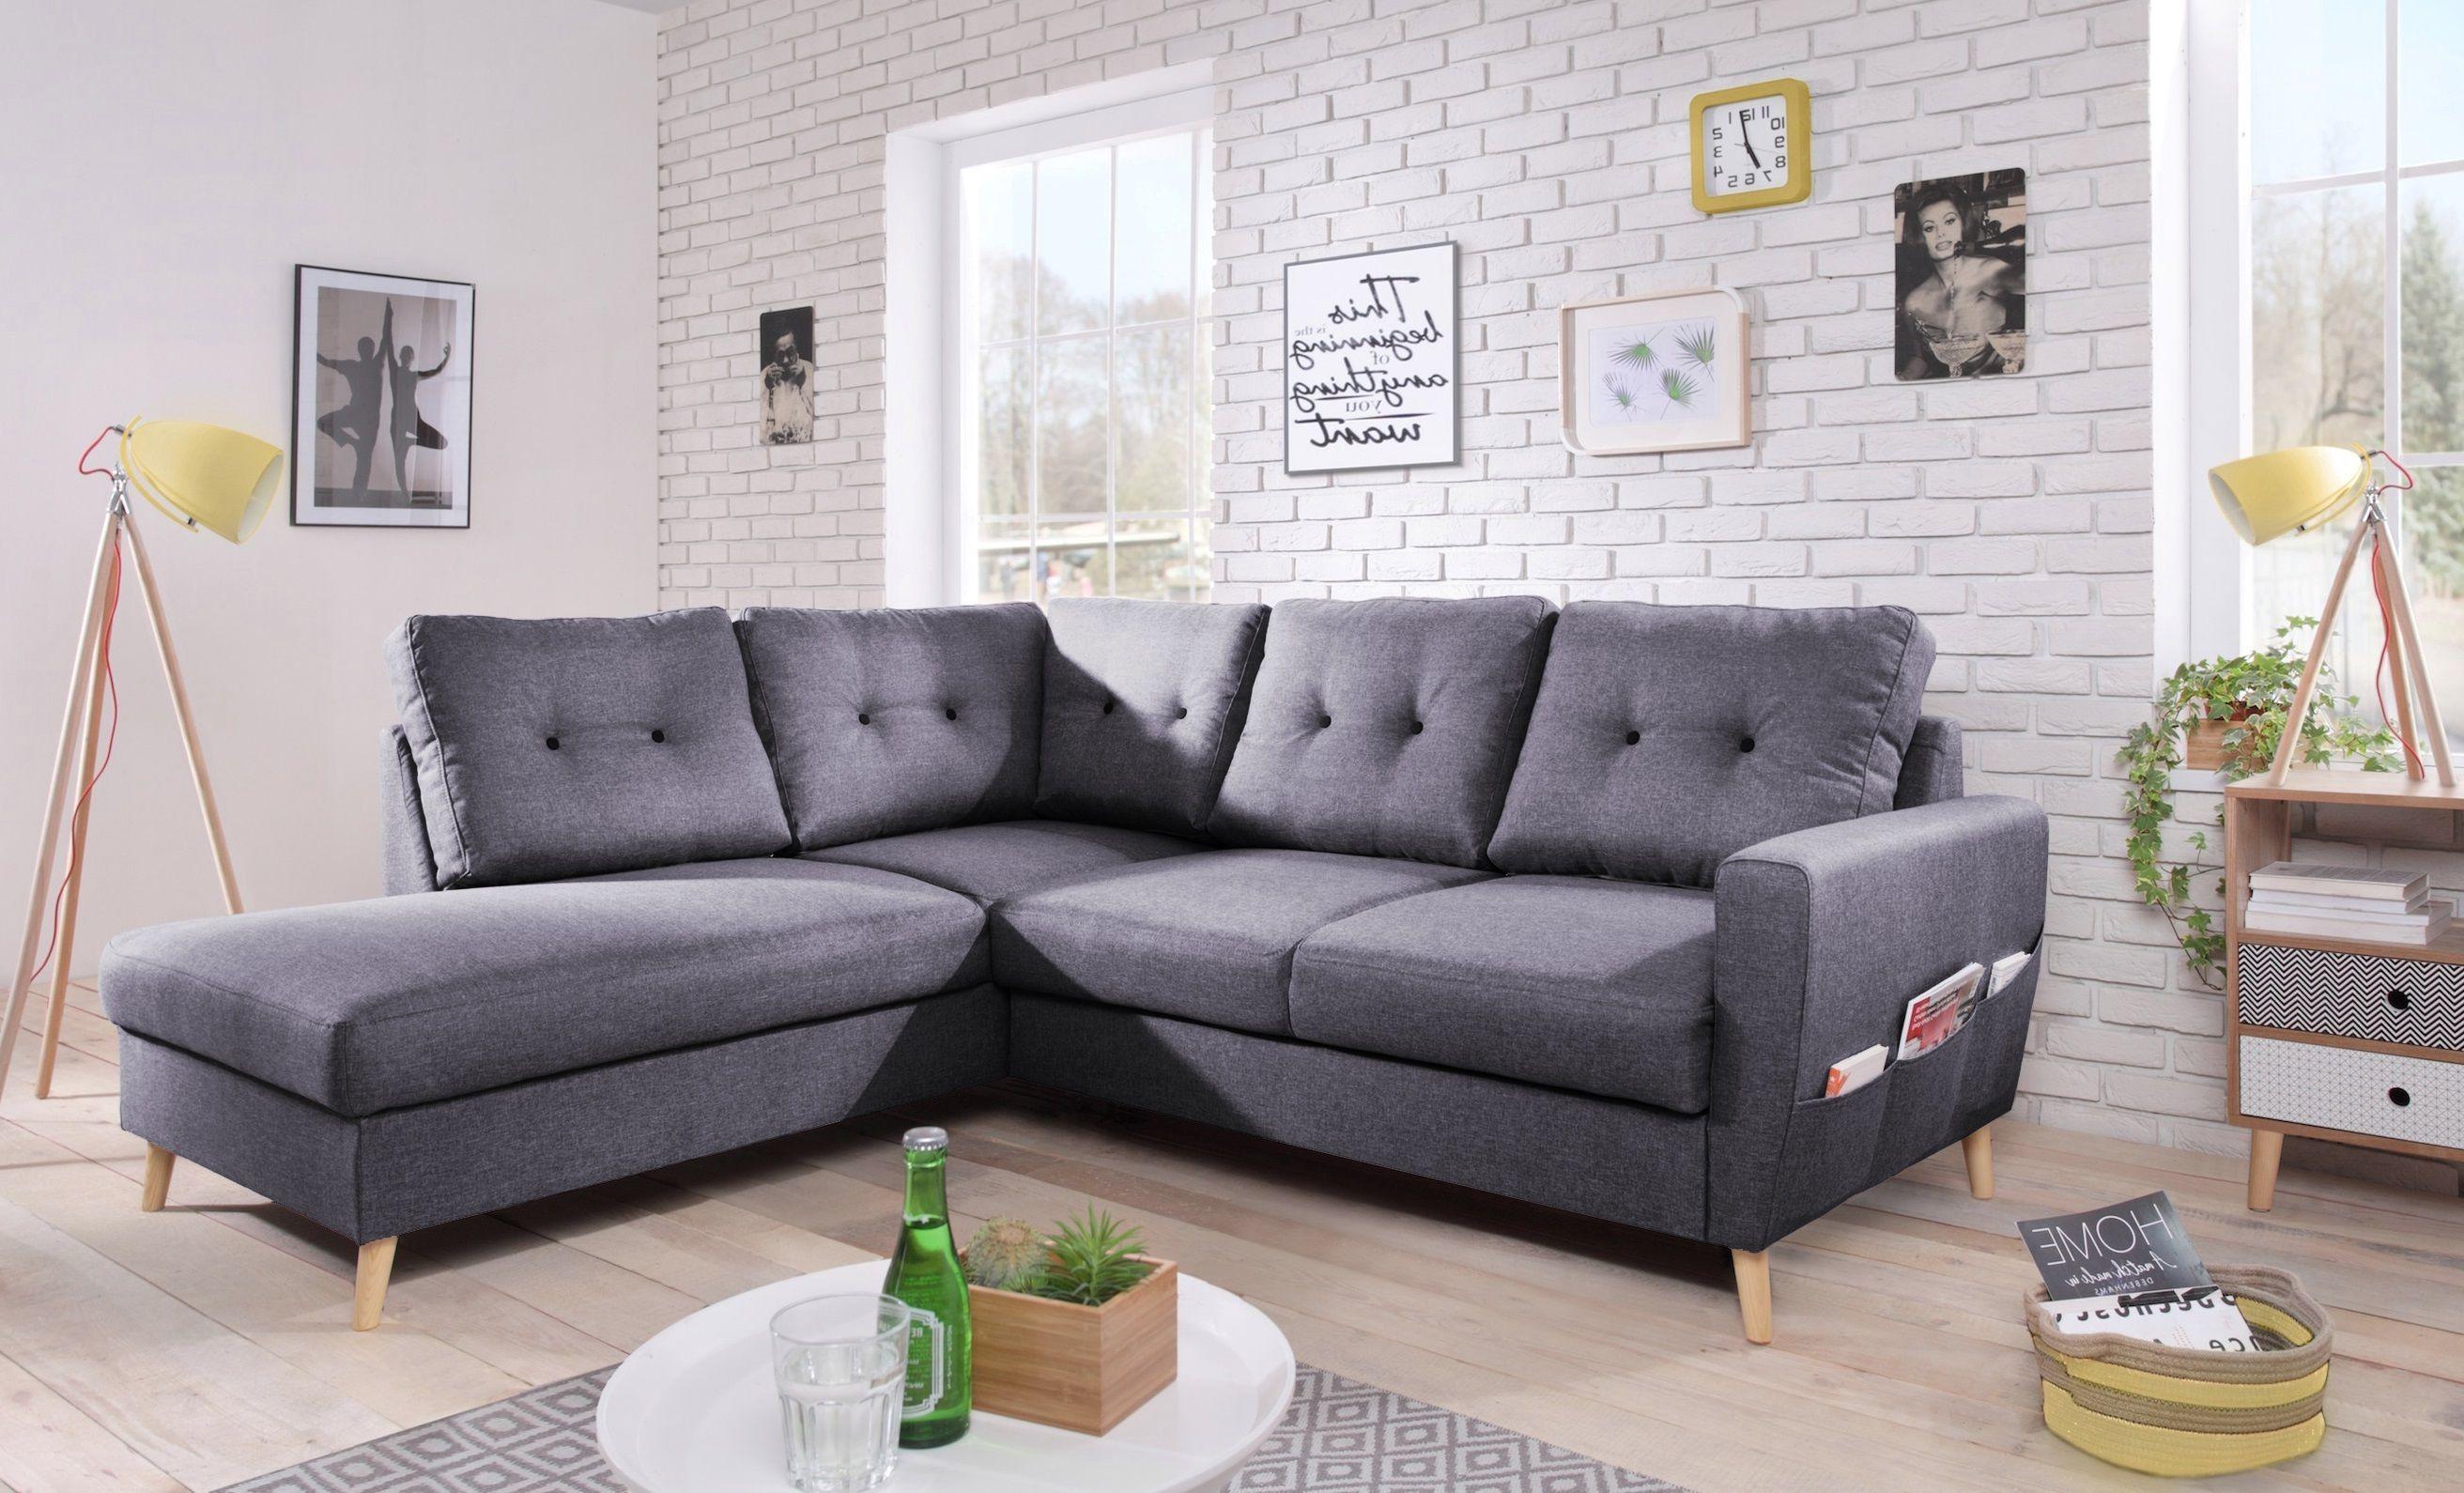 bobochic canap scandi 6 places et convertible angle gauche gris fonc 198cm x 90cm. Black Bedroom Furniture Sets. Home Design Ideas